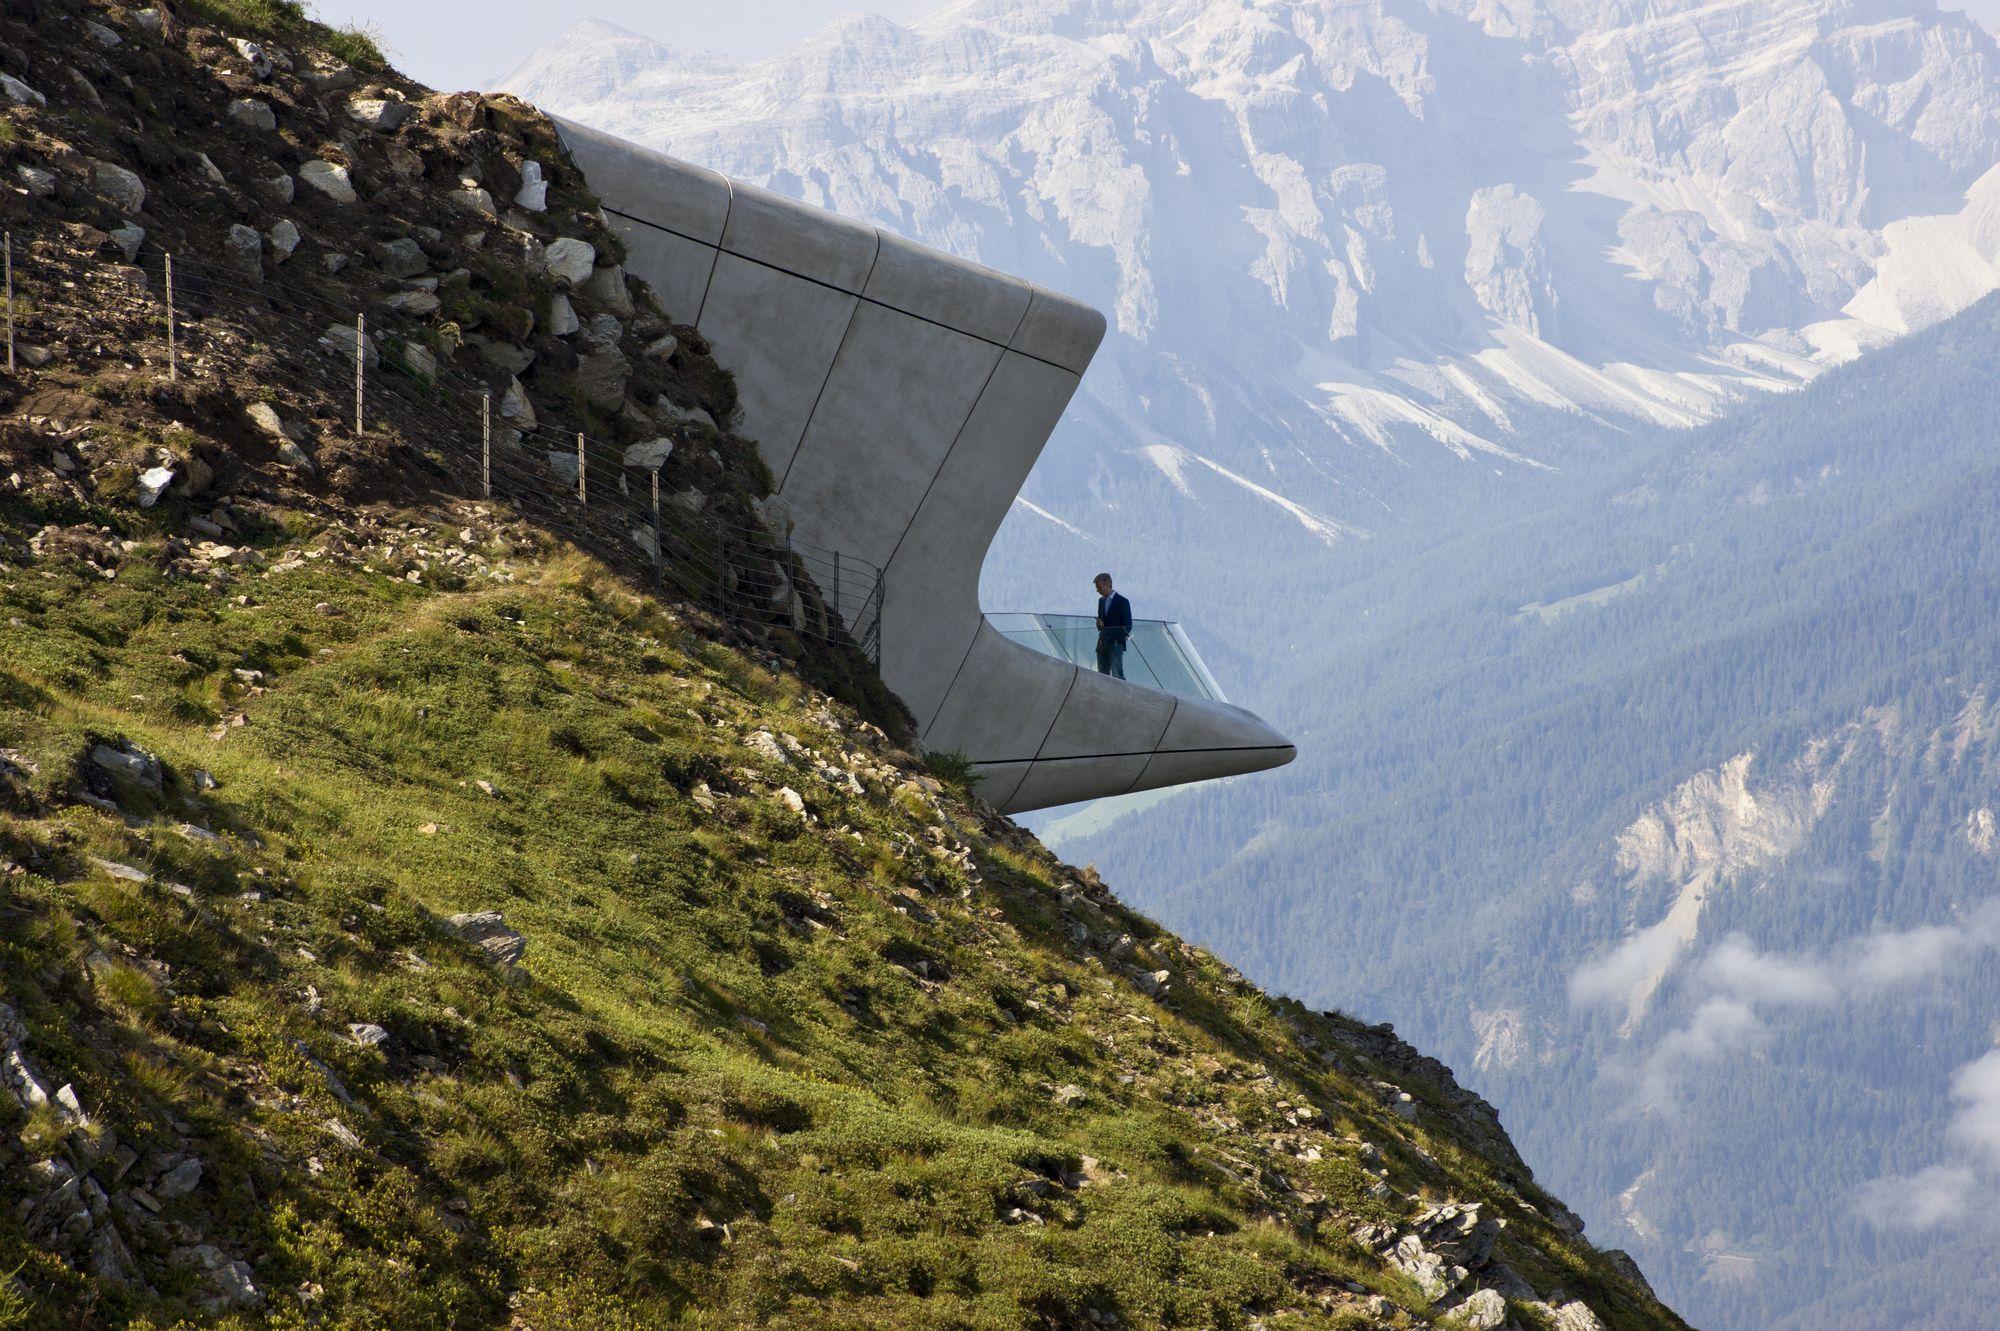 Architetture estreme: vivere sull'orlo di un precipizio